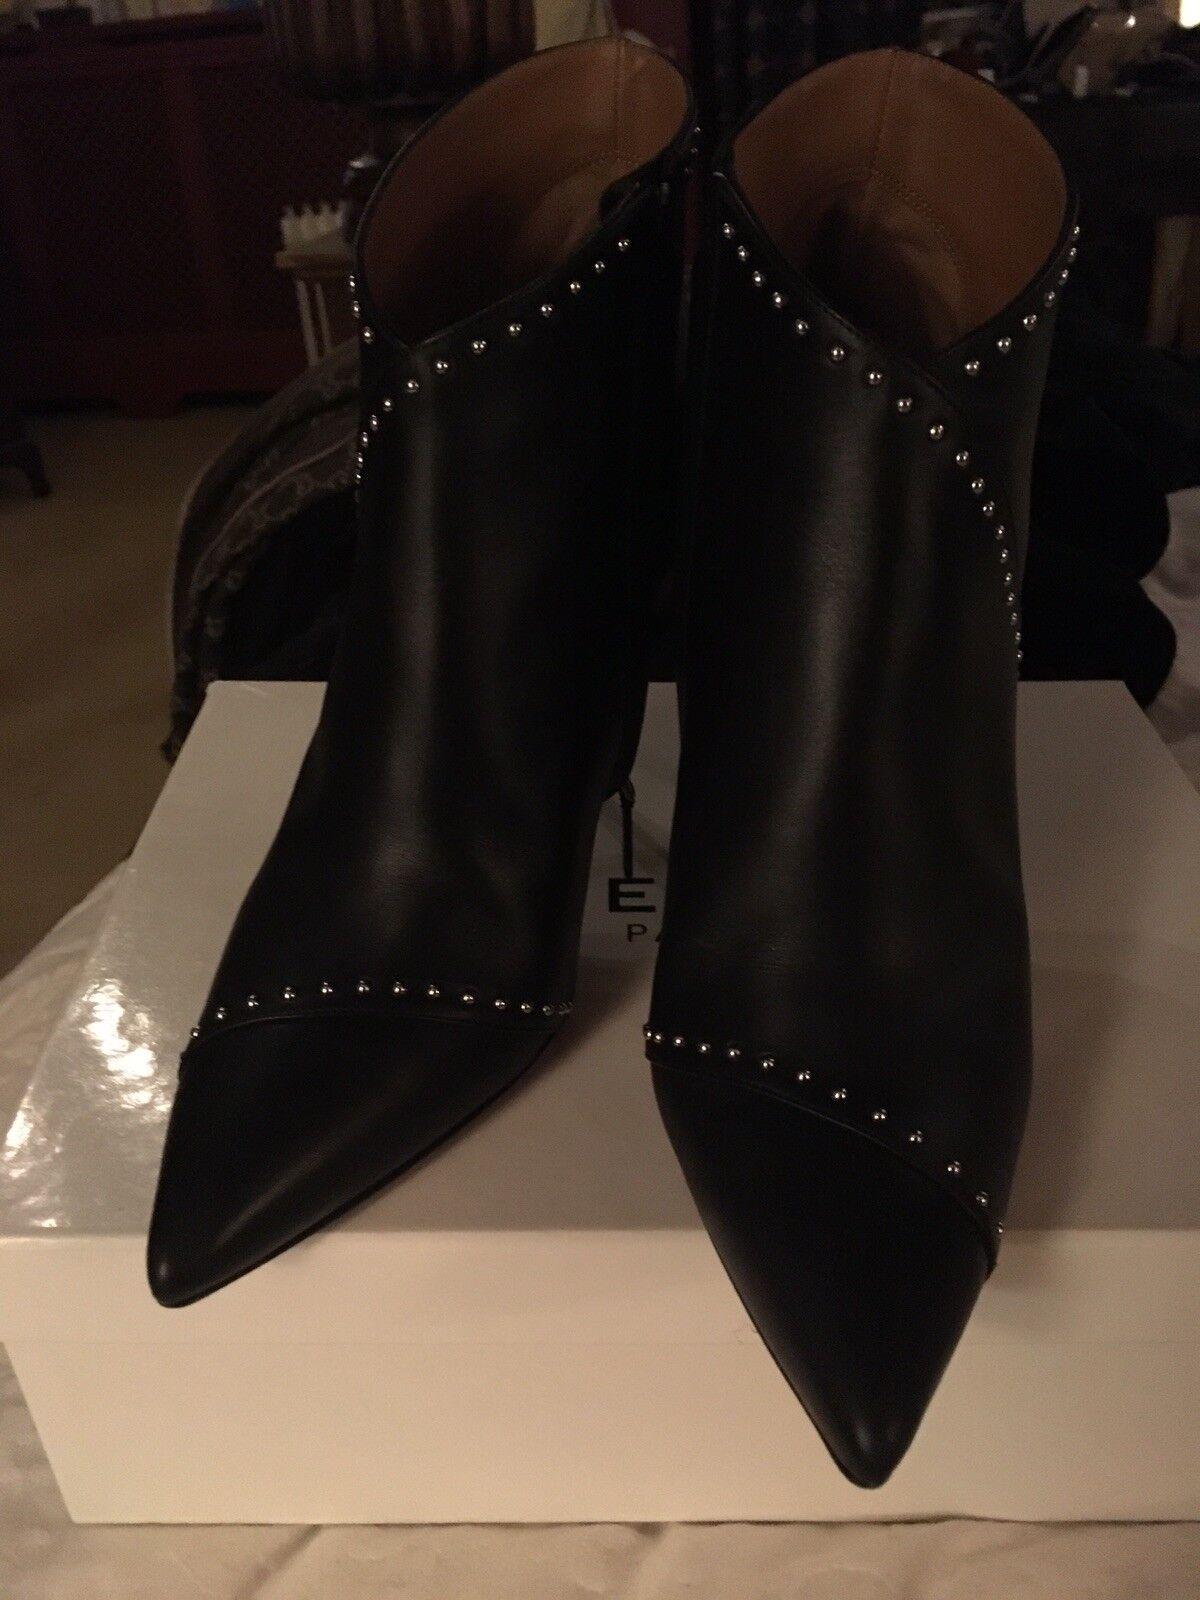 Givenchy Studded botas Talla 6 - Eu 39 Stunning